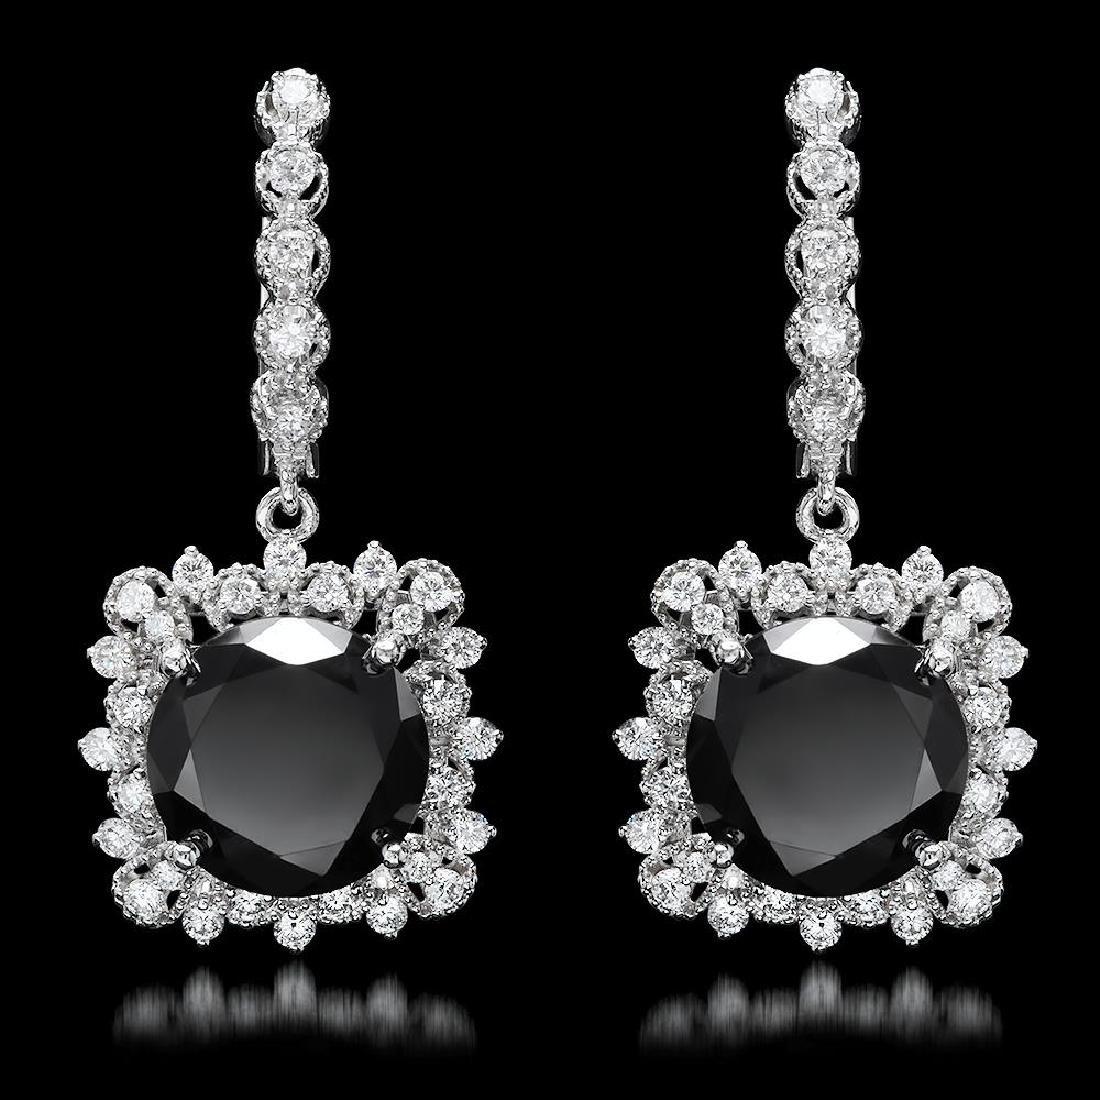 14k White Gold 13.88ct Diamond Earrings